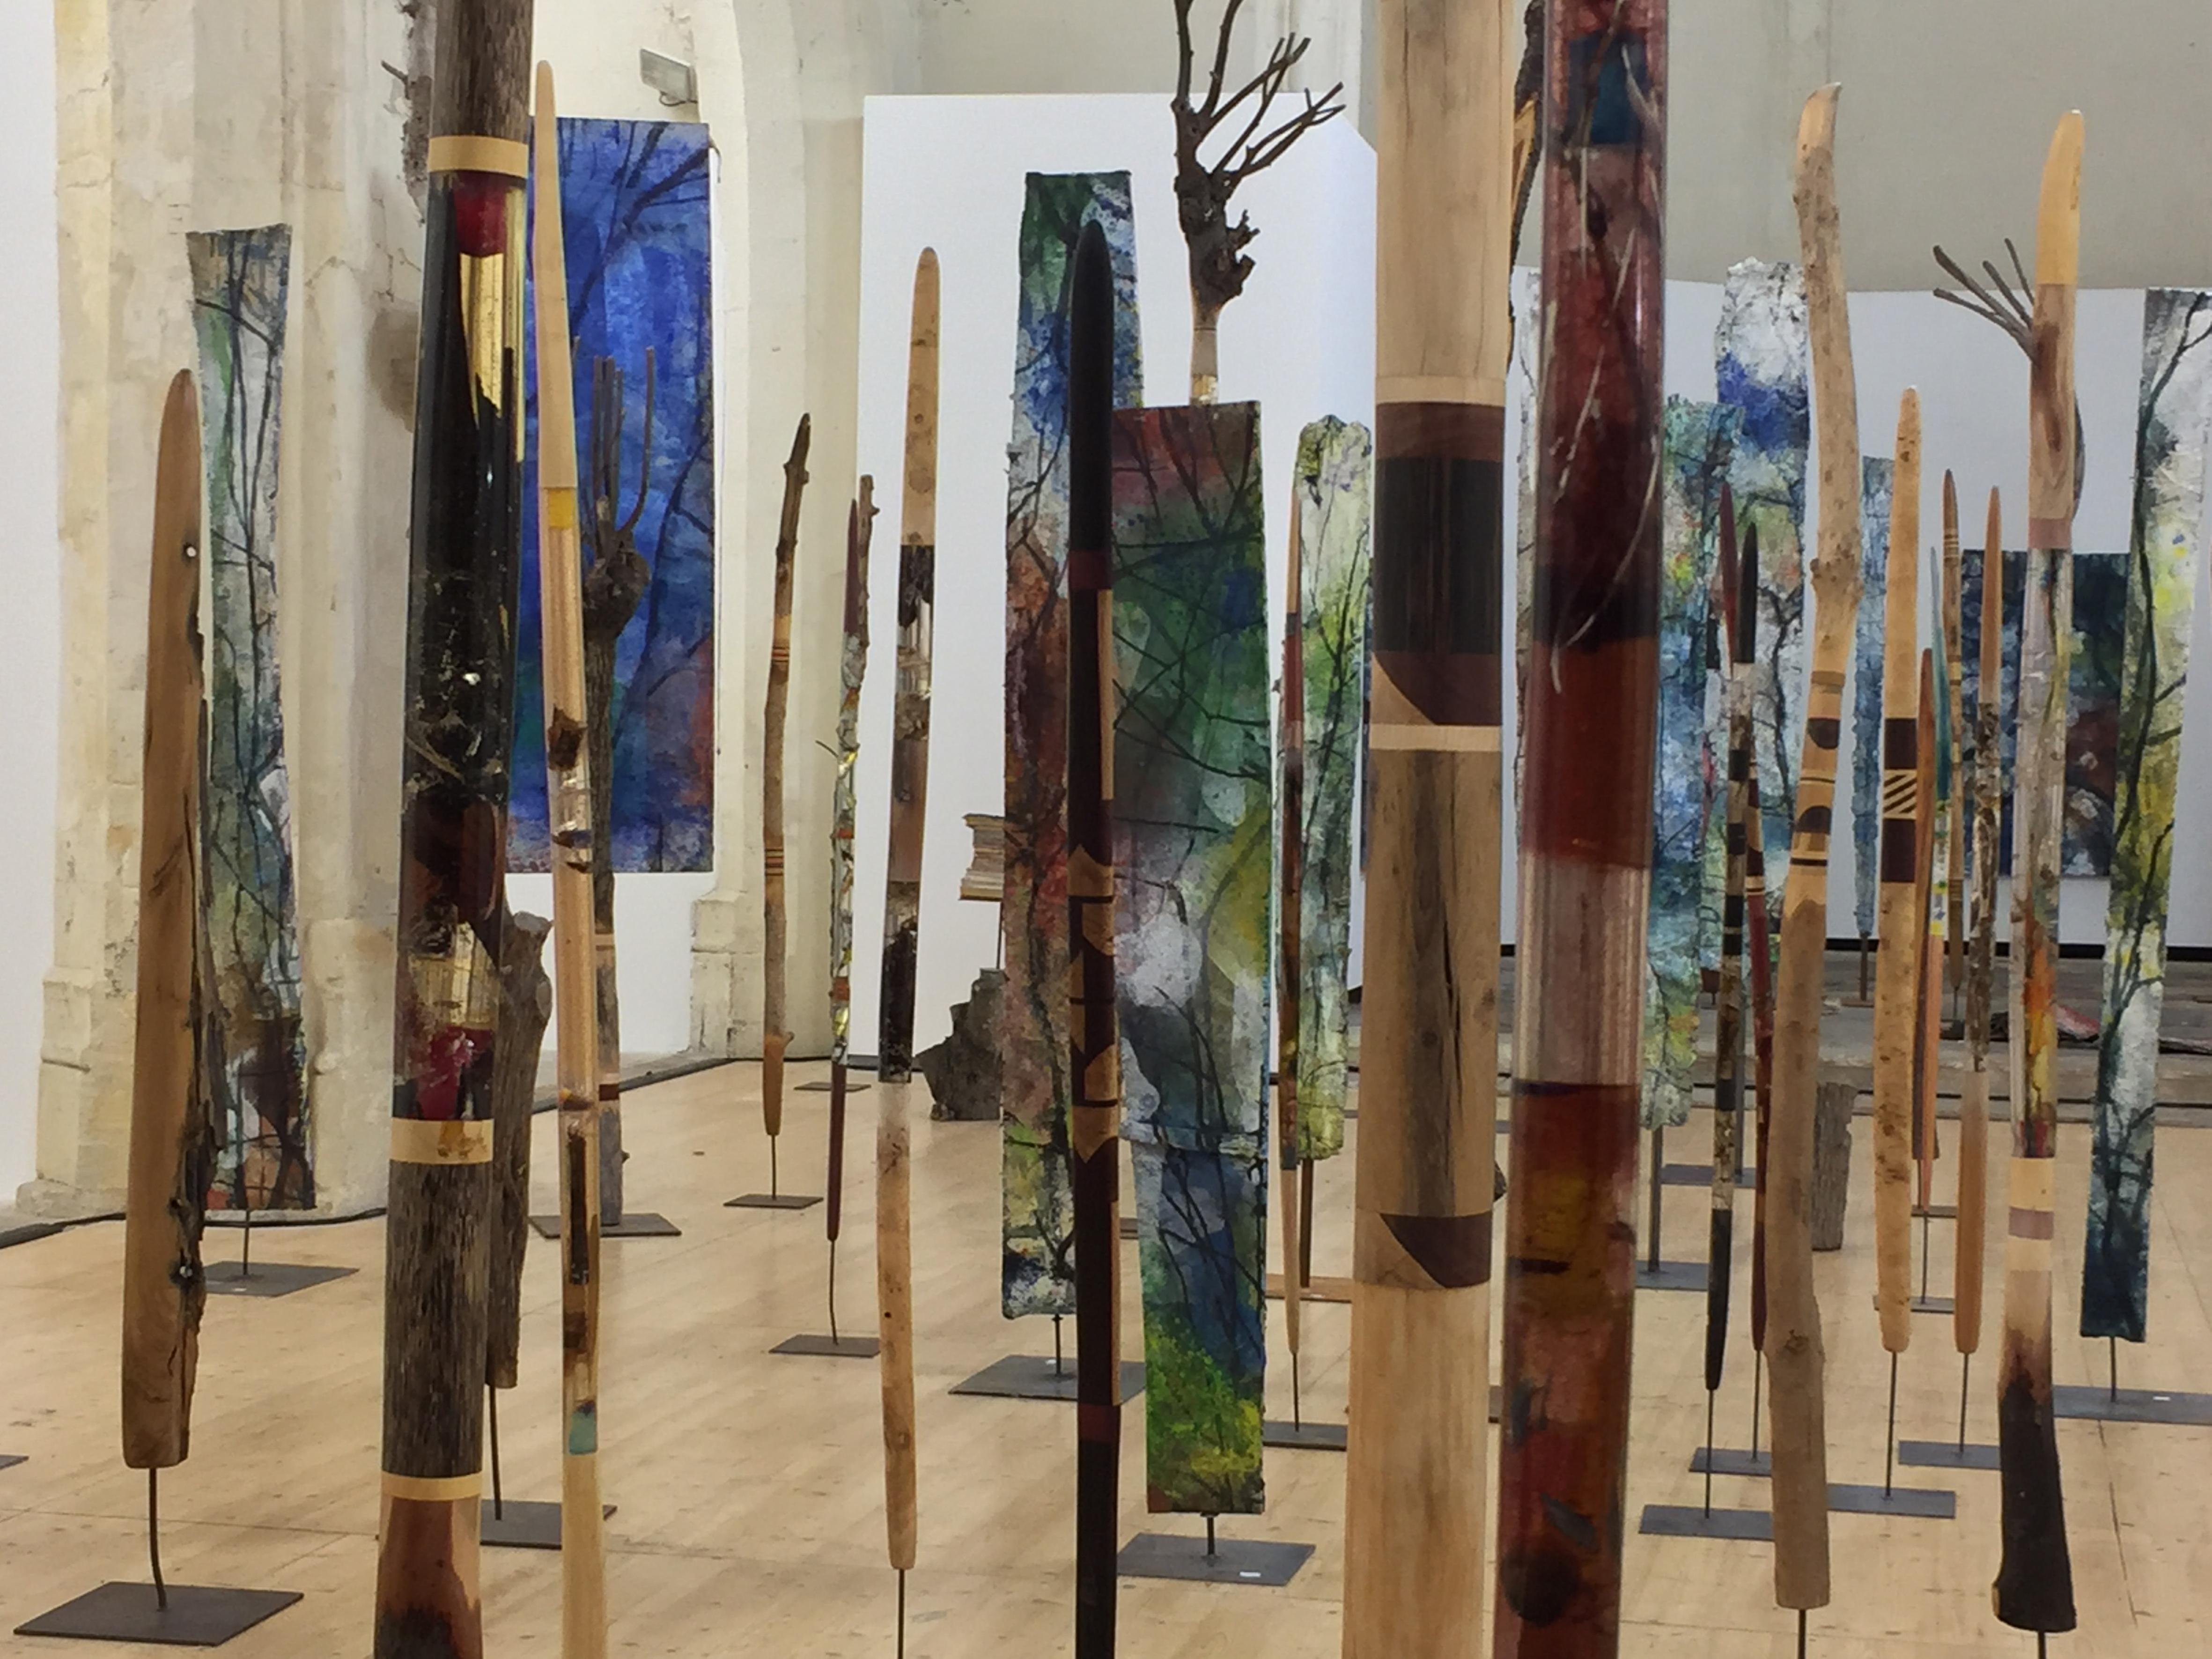 L'association Forest art project réunit des artistes et des scientifiques. M. Alsterlind, F. Hallé et V. Lajarige proposent une présentation d'oeuvres emprunte d'optimisme.